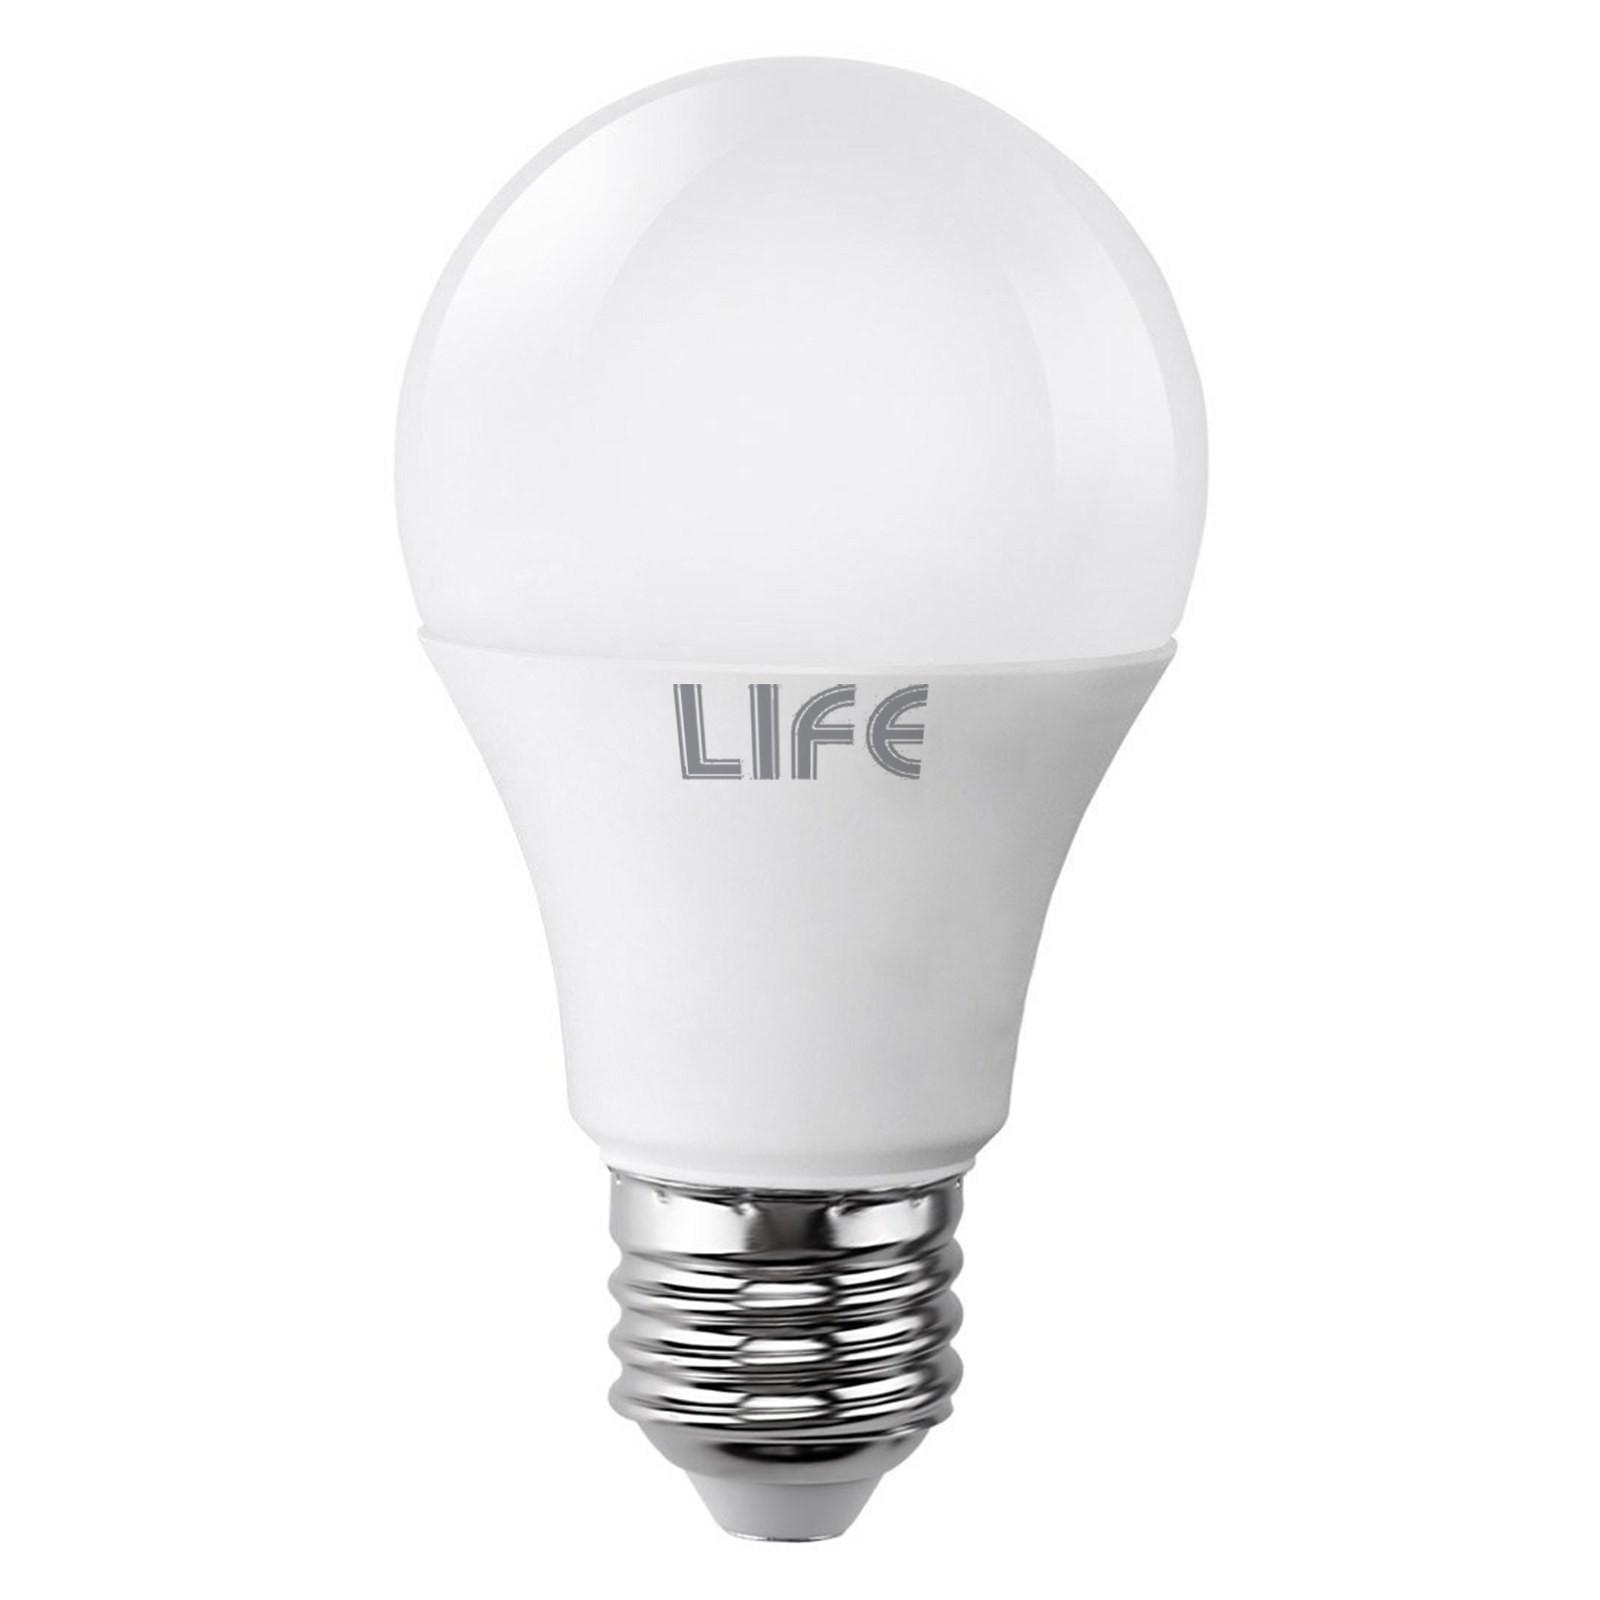 Lampada lampadina e27 led smd life bulbo luce bianca calda for Luce bianca led